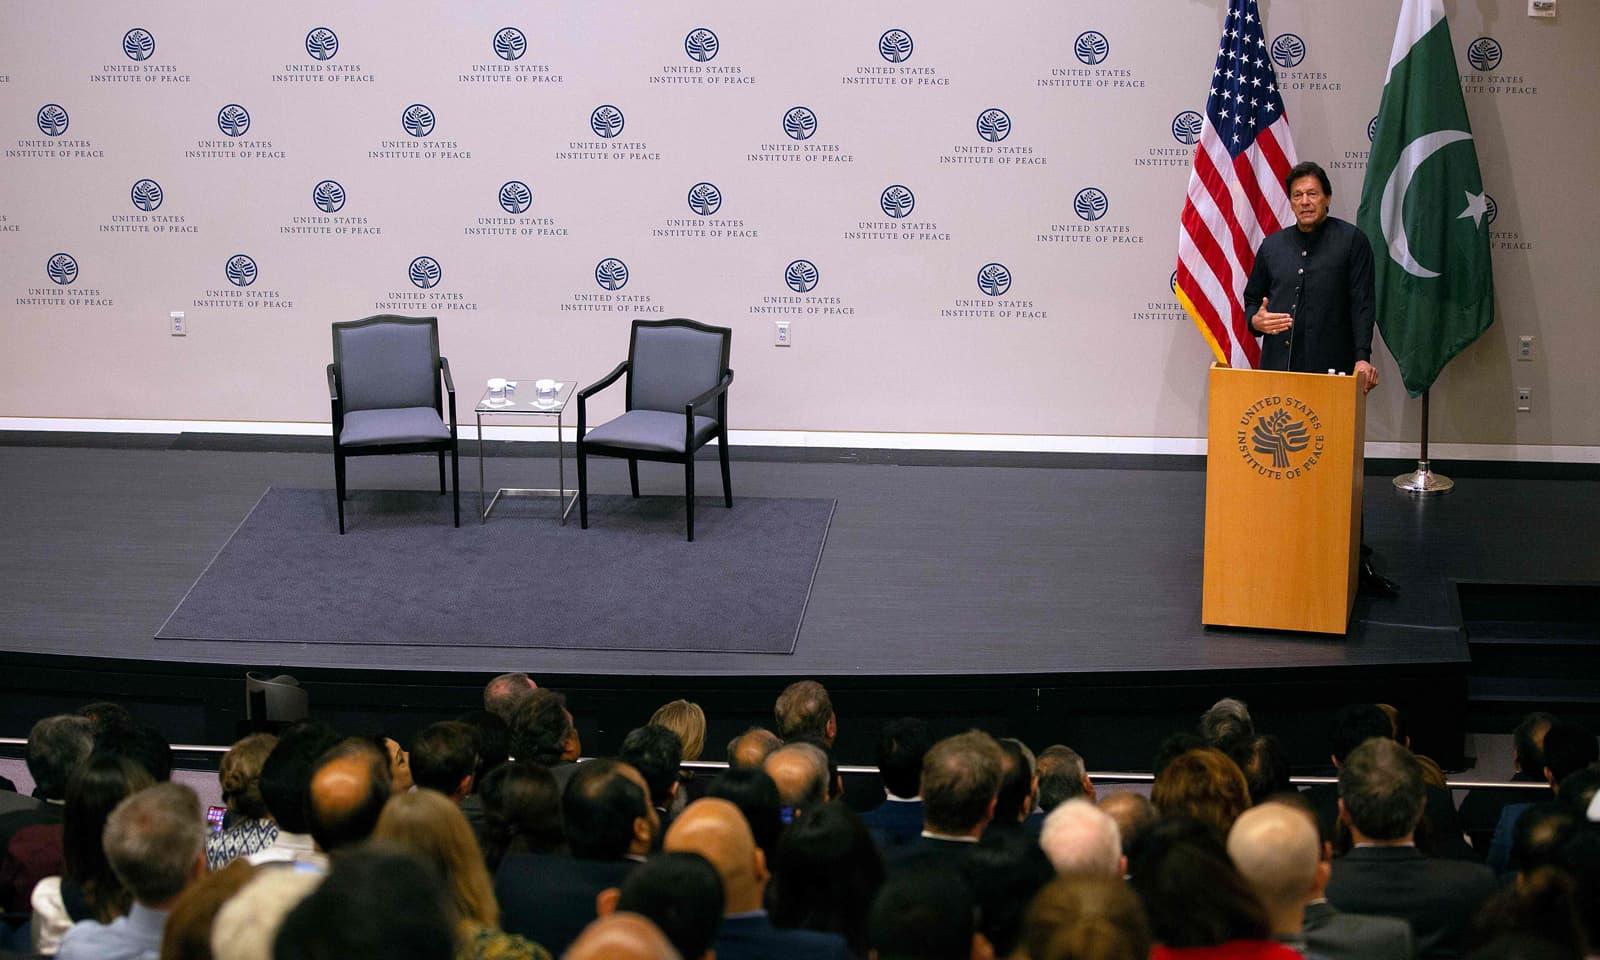 عمران خان نے امریکی تھینک ٹینک سے کہا کہ وہ طالبان کو افغان حکومت سے مذاکرات کیلئے آمادہ  کریں گے—فوٹو: اے ایف پی